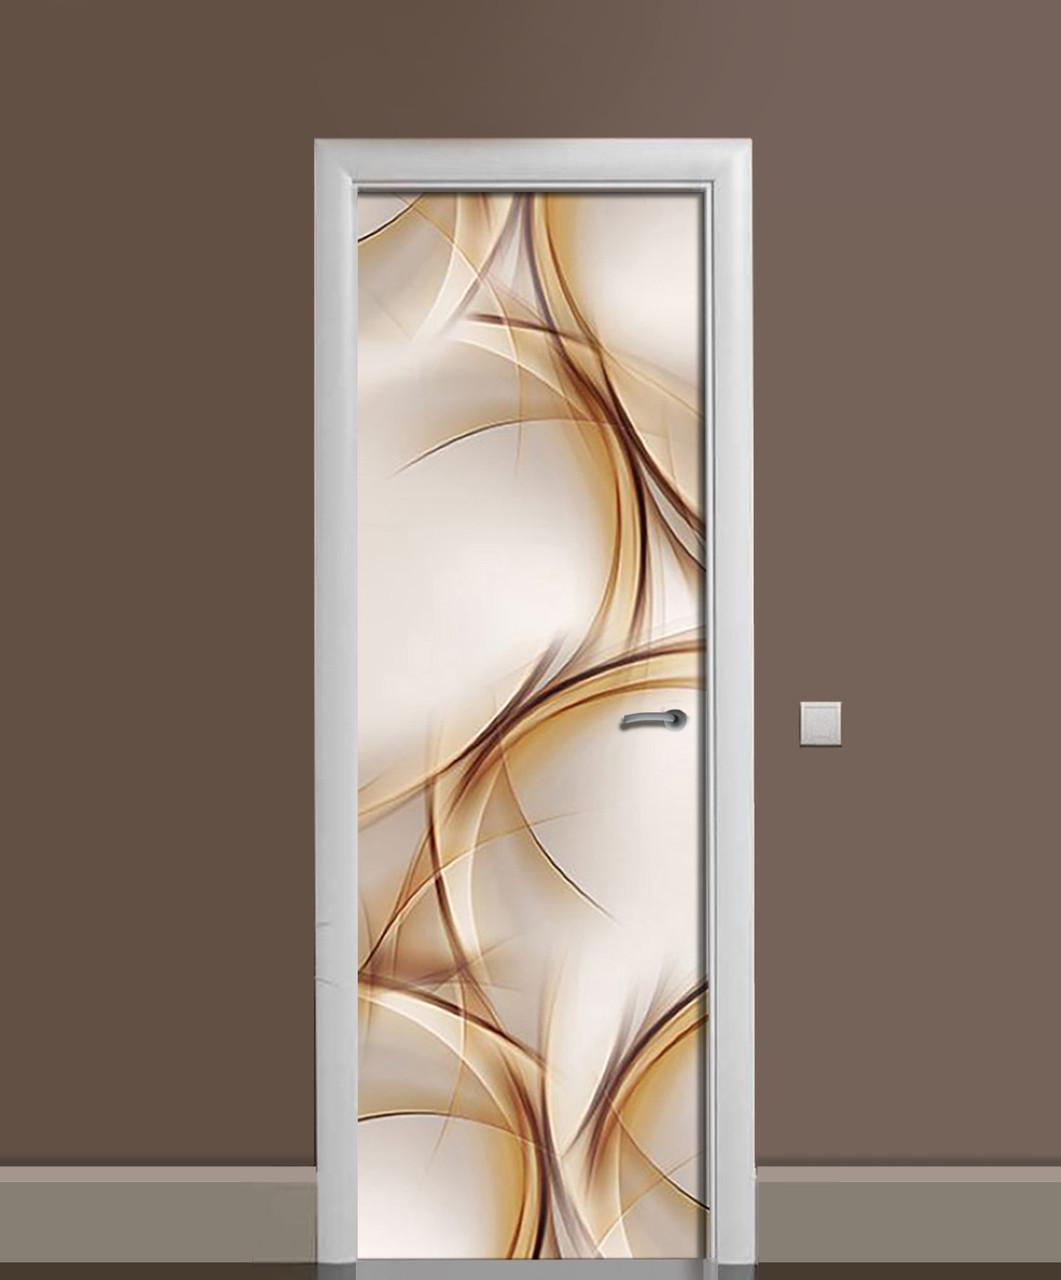 Виниловая наклейка на дверь Золотые линии Дуги ПВХ пленка с ламинацией 65*200см Абстракция Бежевый